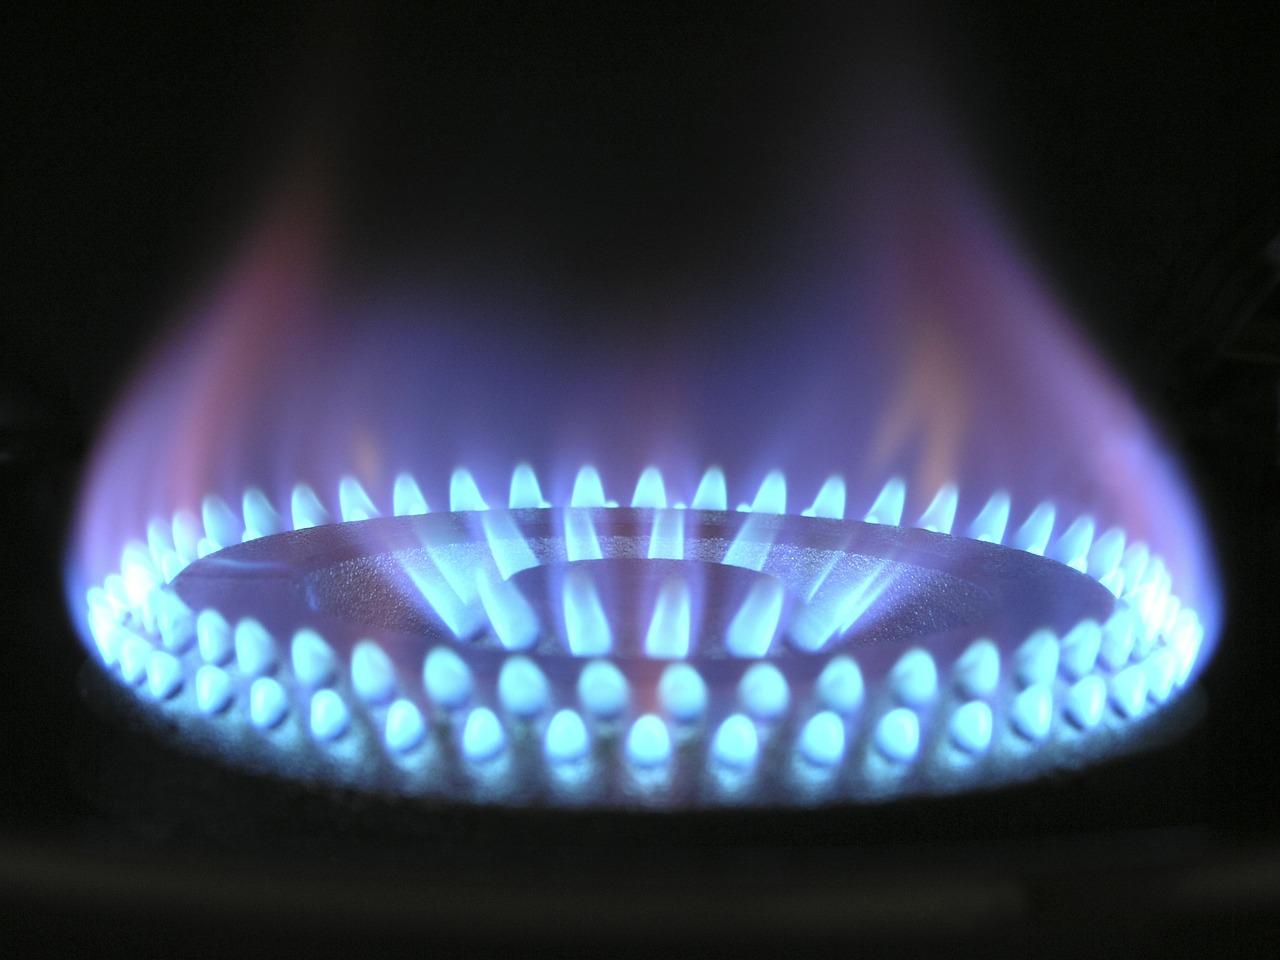 Pravidelná revize plynového zařízení nás může ochránit před rakovinou